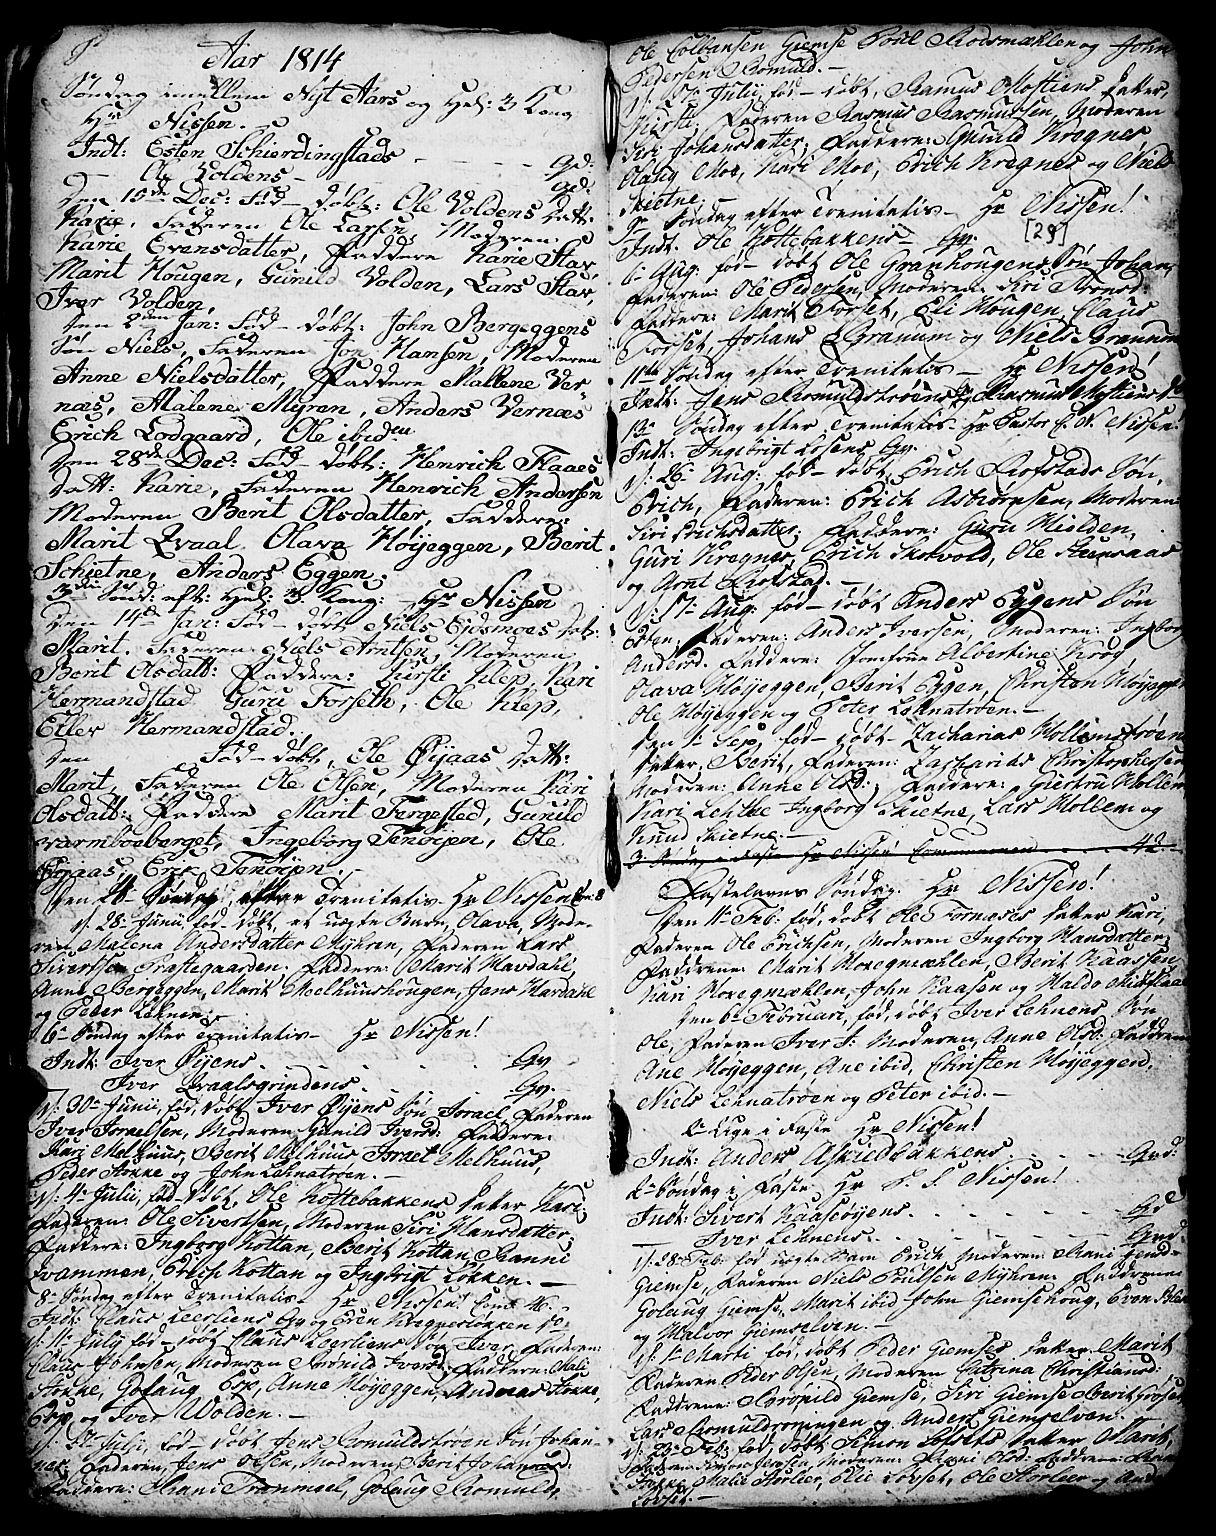 SAT, Ministerialprotokoller, klokkerbøker og fødselsregistre - Sør-Trøndelag, 691/L1091: Klokkerbok nr. 691C02, 1802-1815, s. 29